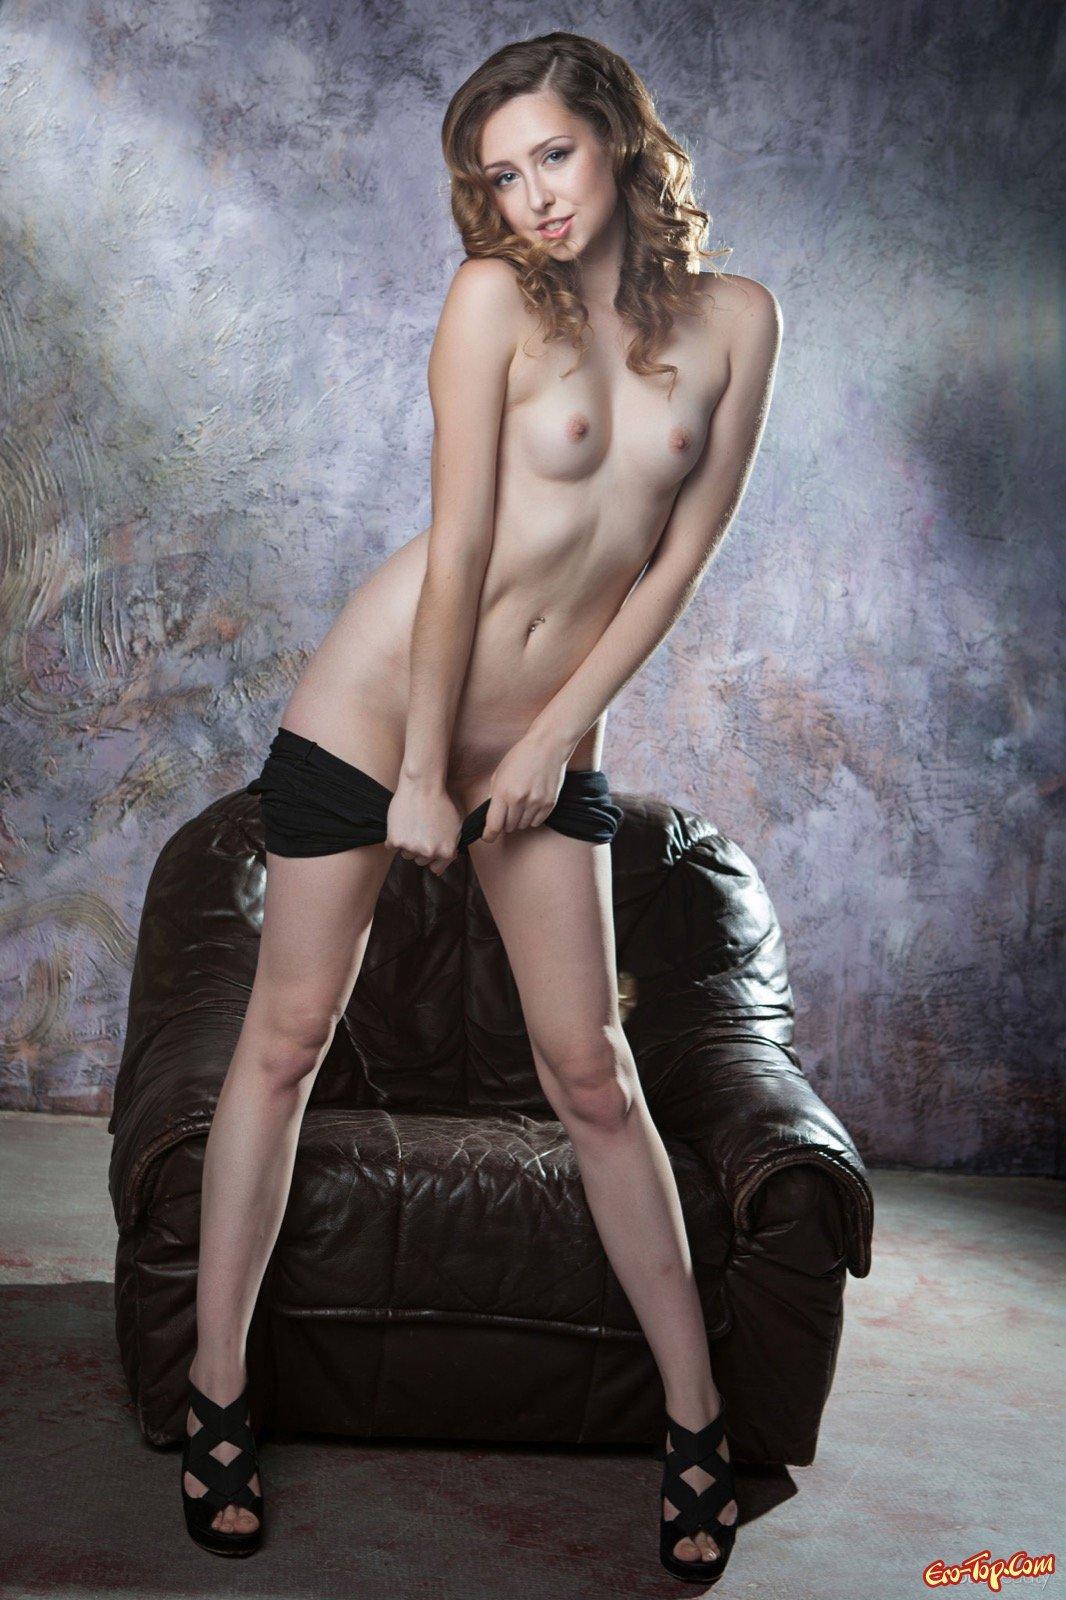 Девушка снимает платье и показывает сексуальное тело